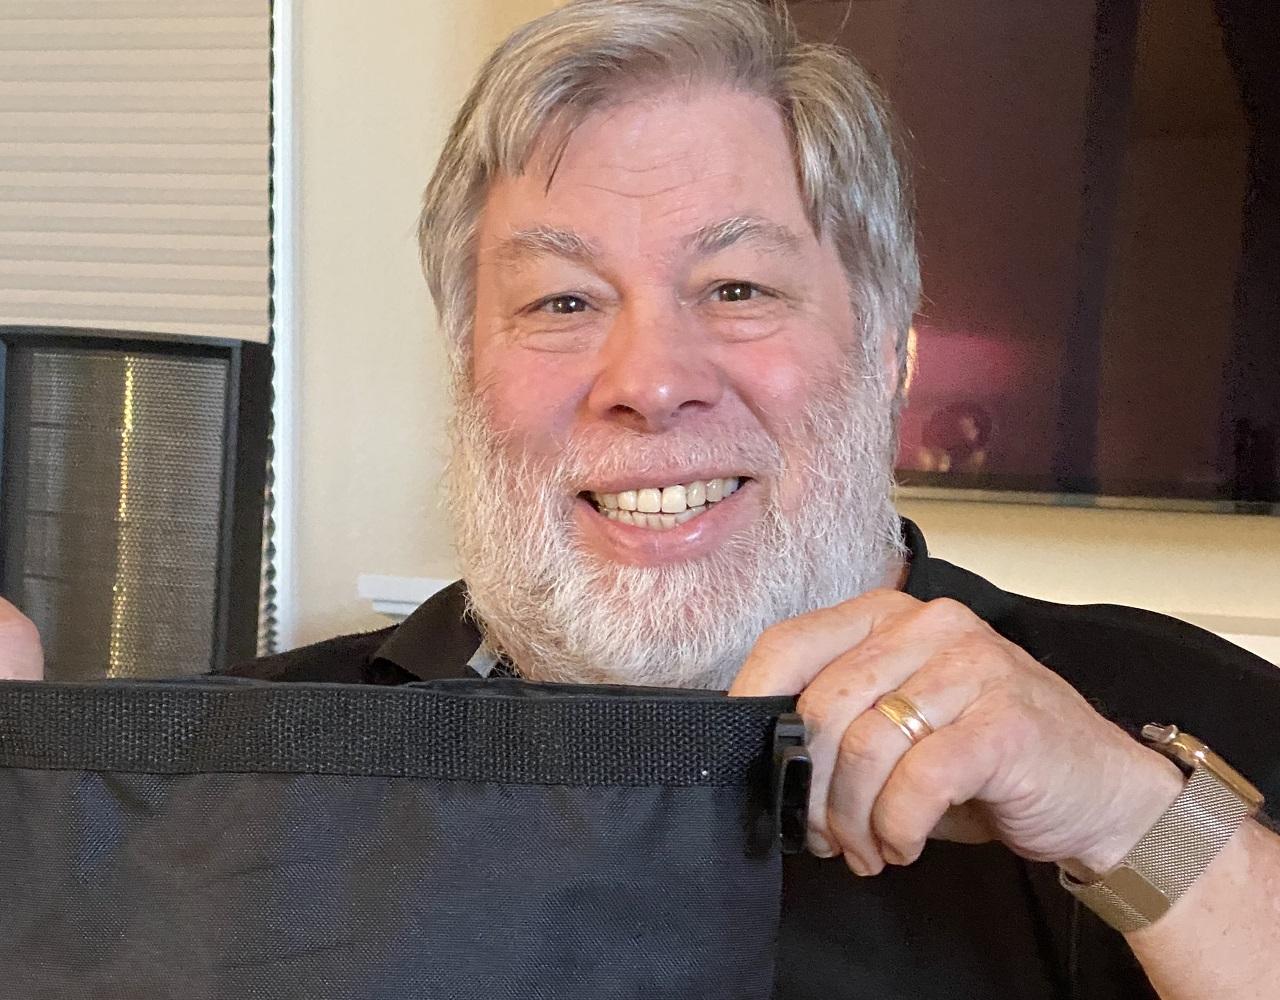 Steve Wozniak / @stevewoz